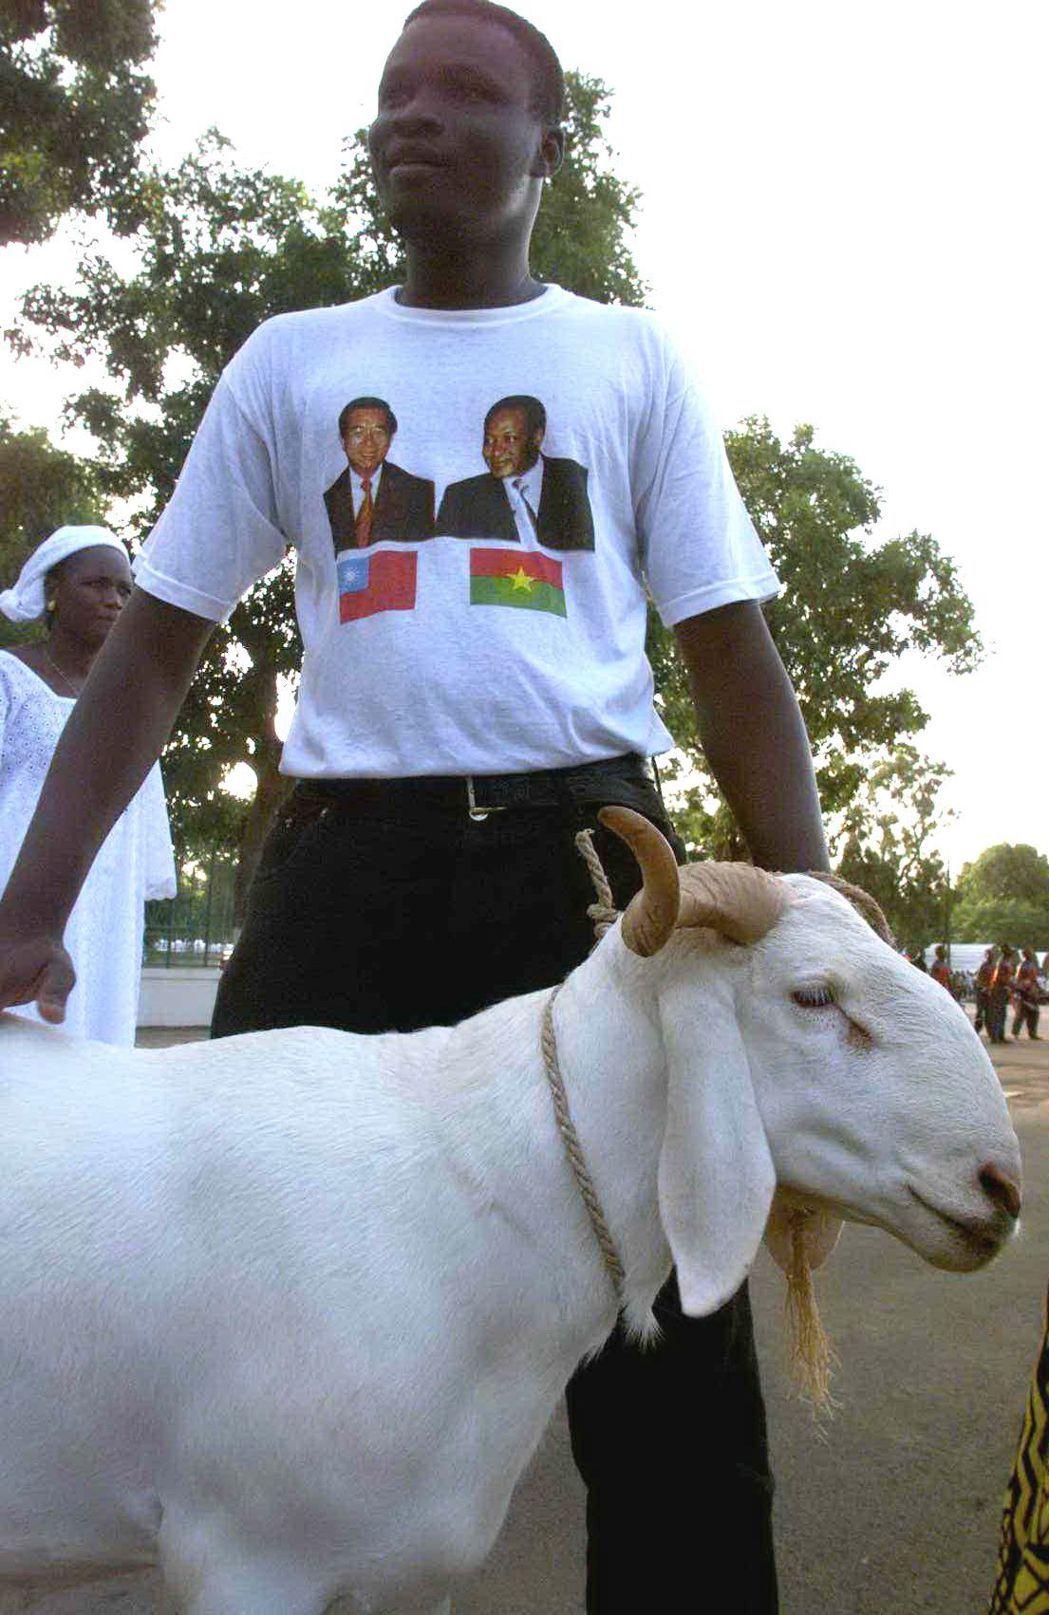 2000年,布吉納法索特地送一隻活羊及銅雕的馬給陳水扁,民眾身上還穿了印有陳水扁...